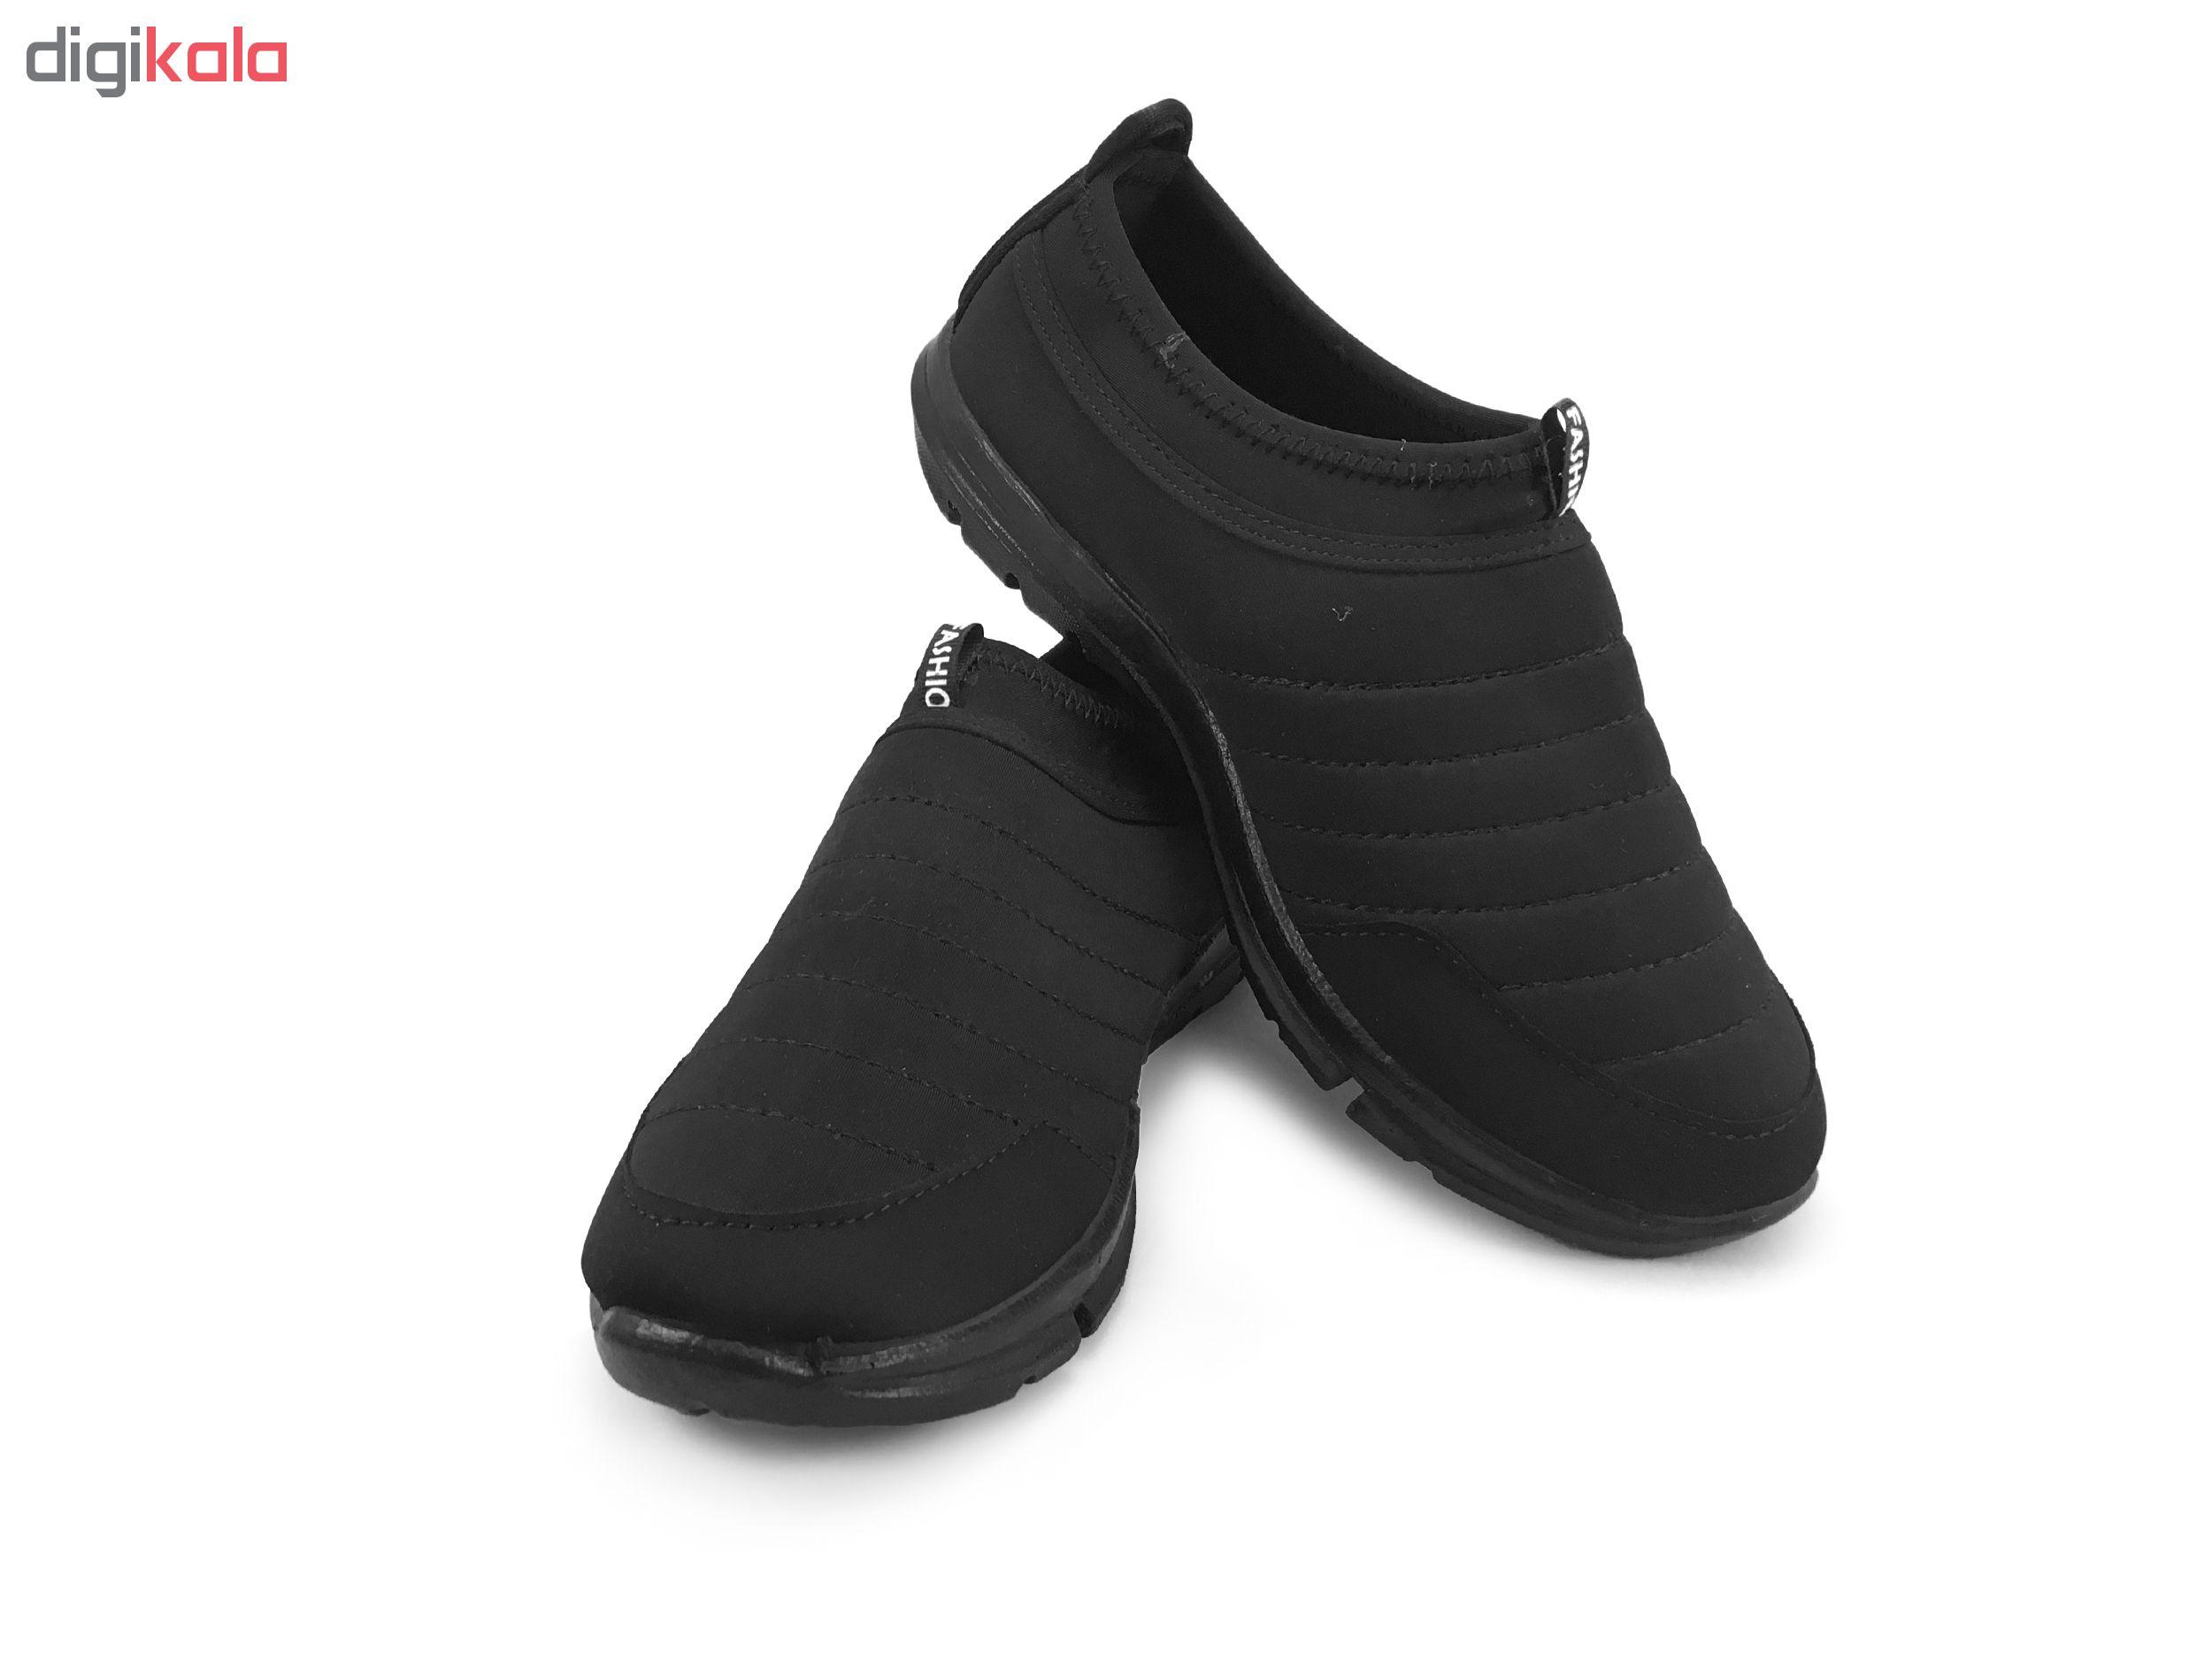 کفش مخصوص پیاده روی زنانه  مدل باران کد 4080